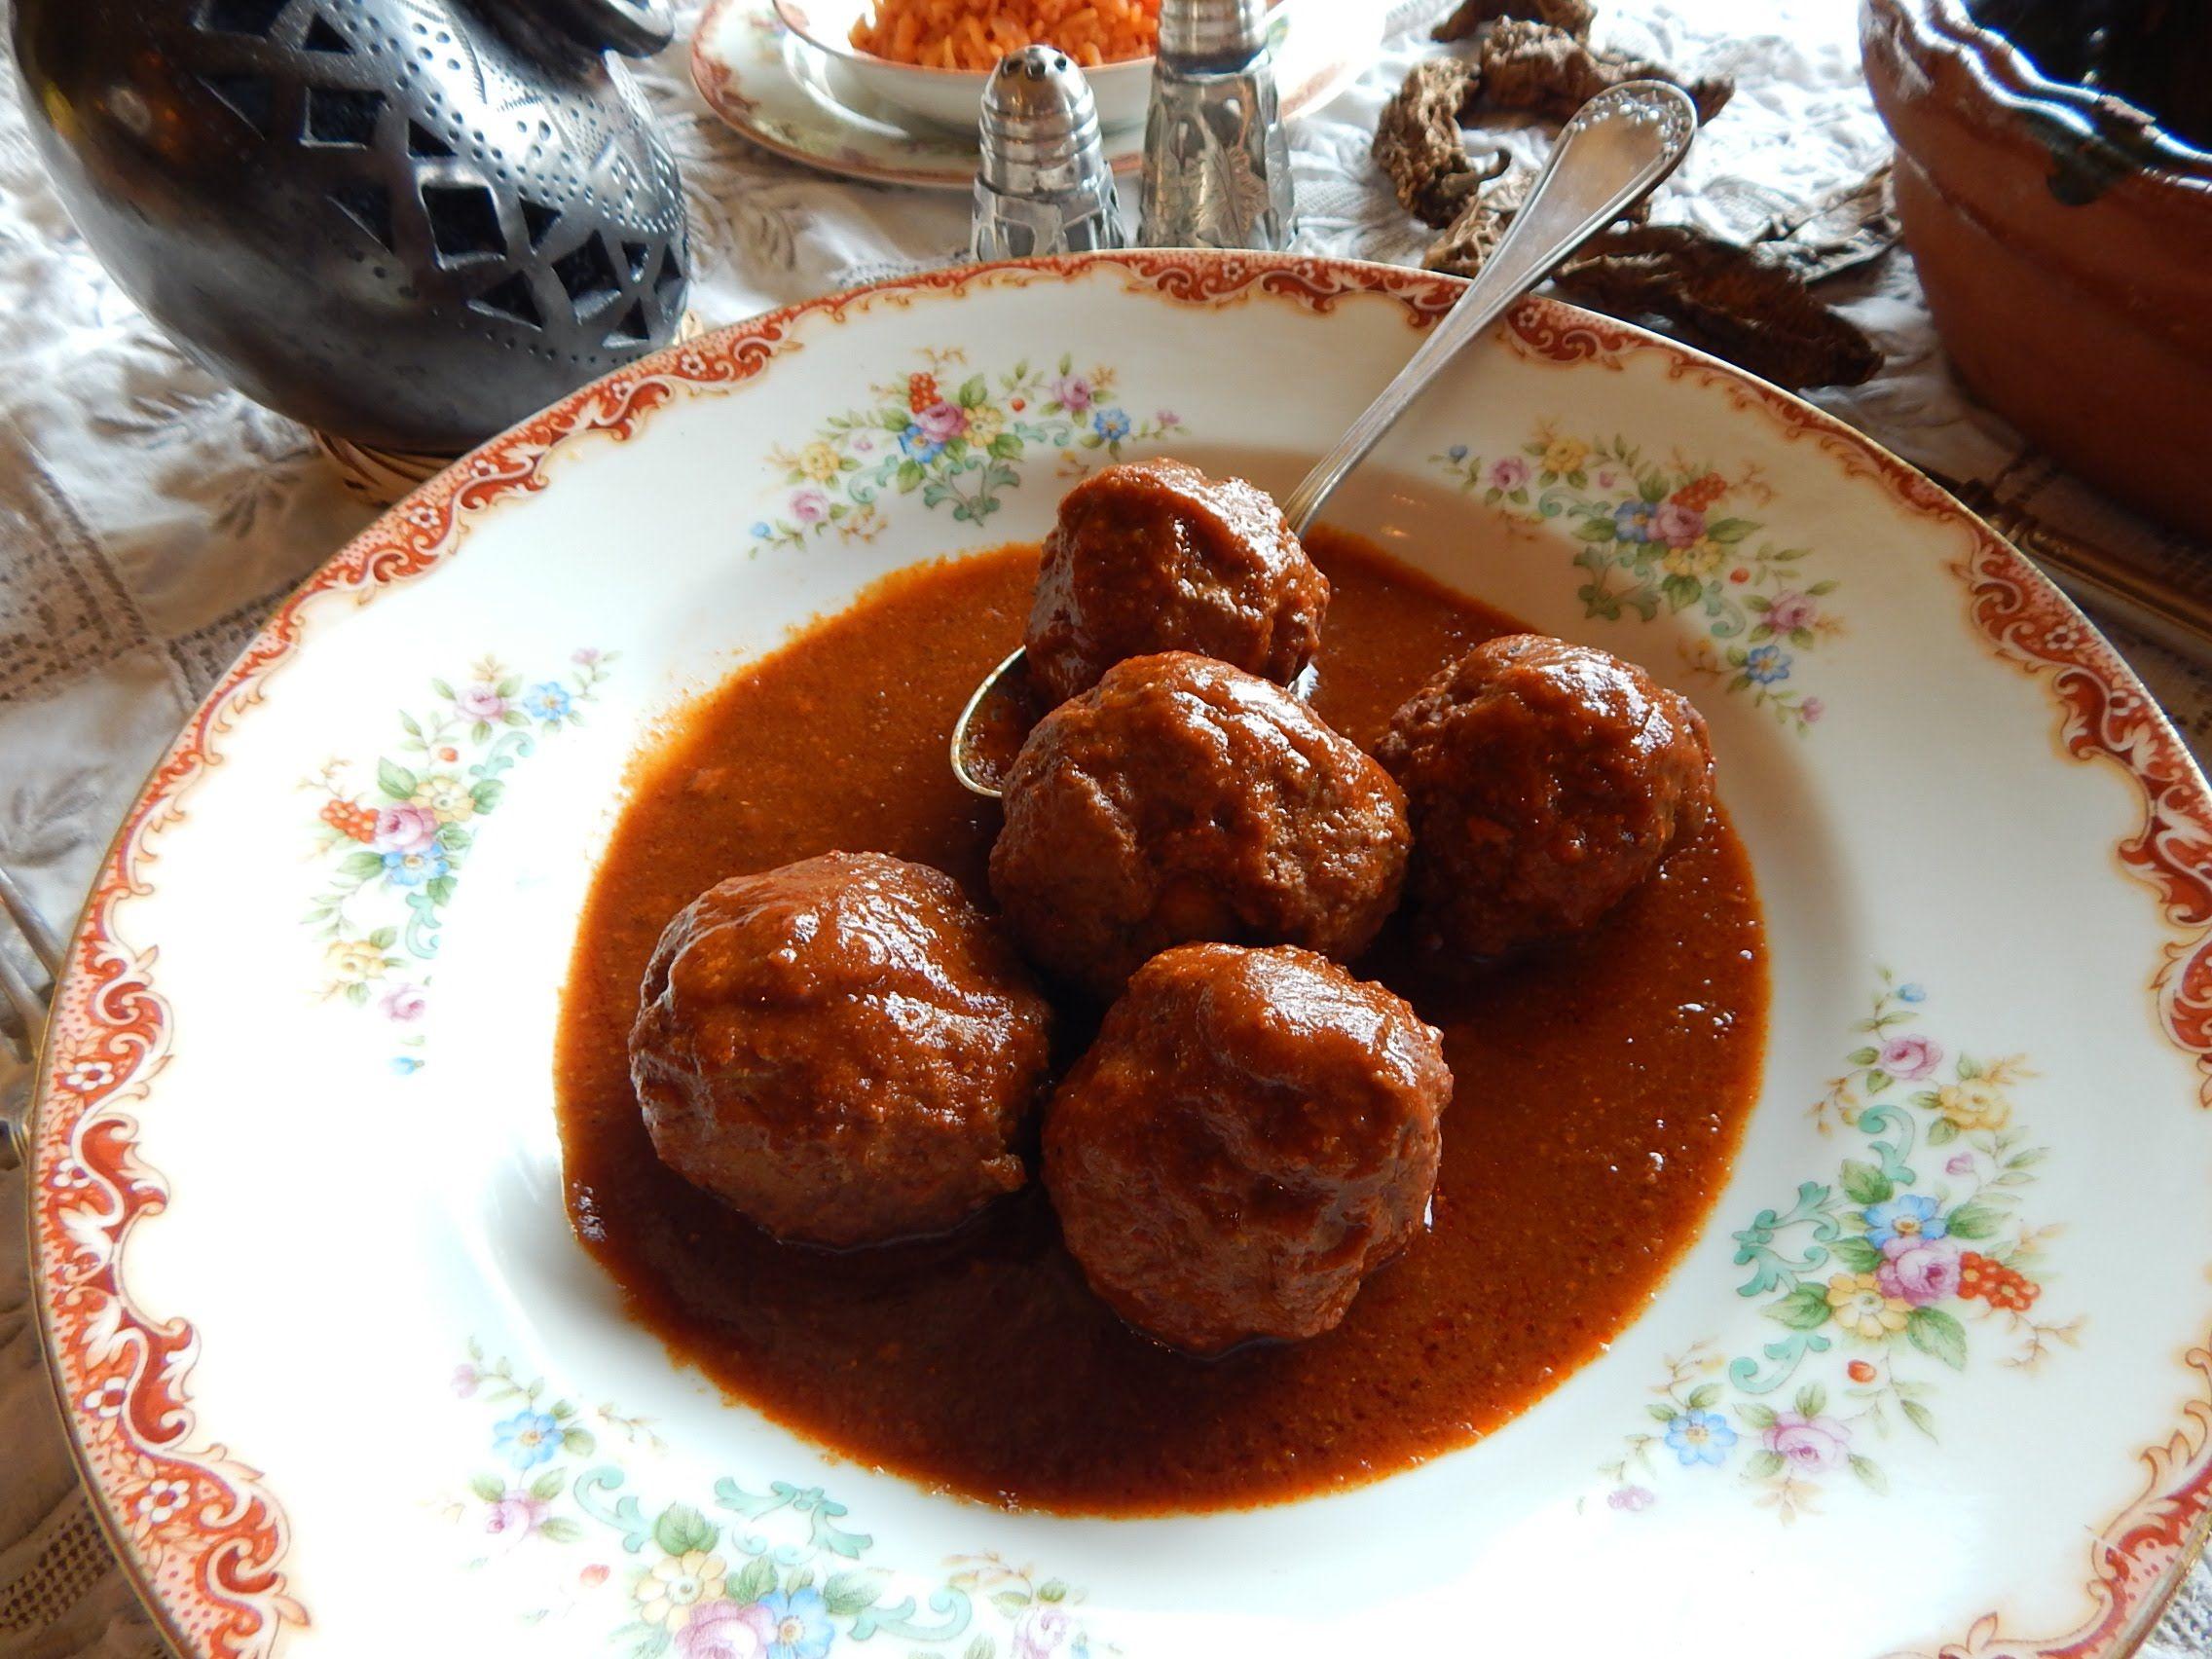 Albondigas al chipotle albondigas en salsa de jitomates asados y chiles chipotle receta - Albondigas tradicionales ...